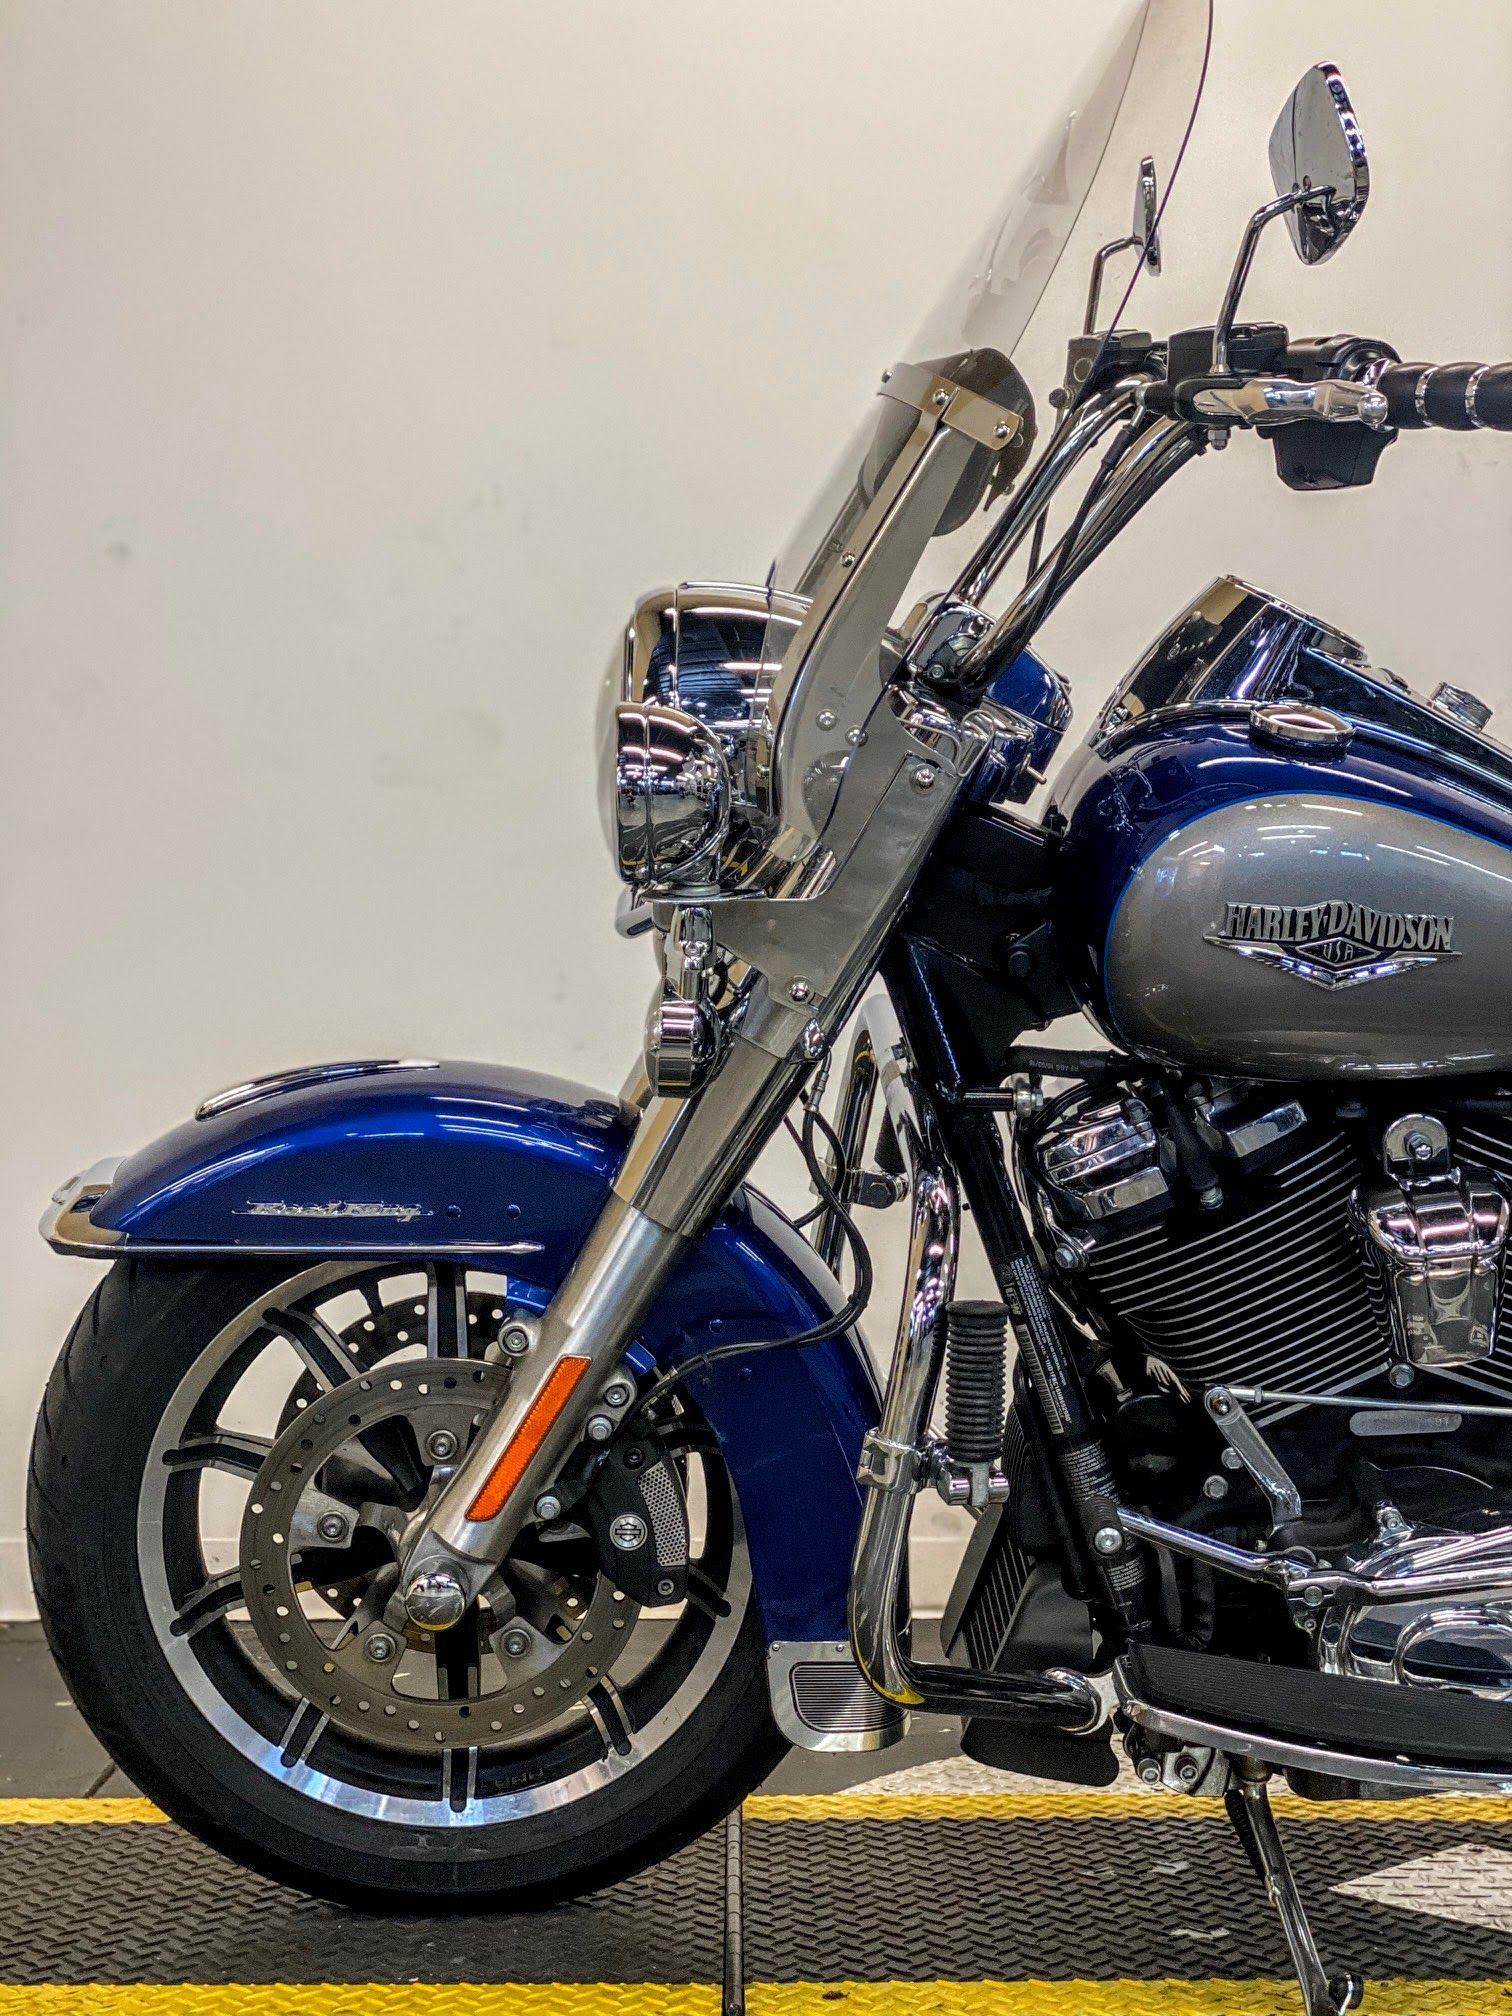 Pre-Owned 2017 Harley-Davidson Road King FLHR